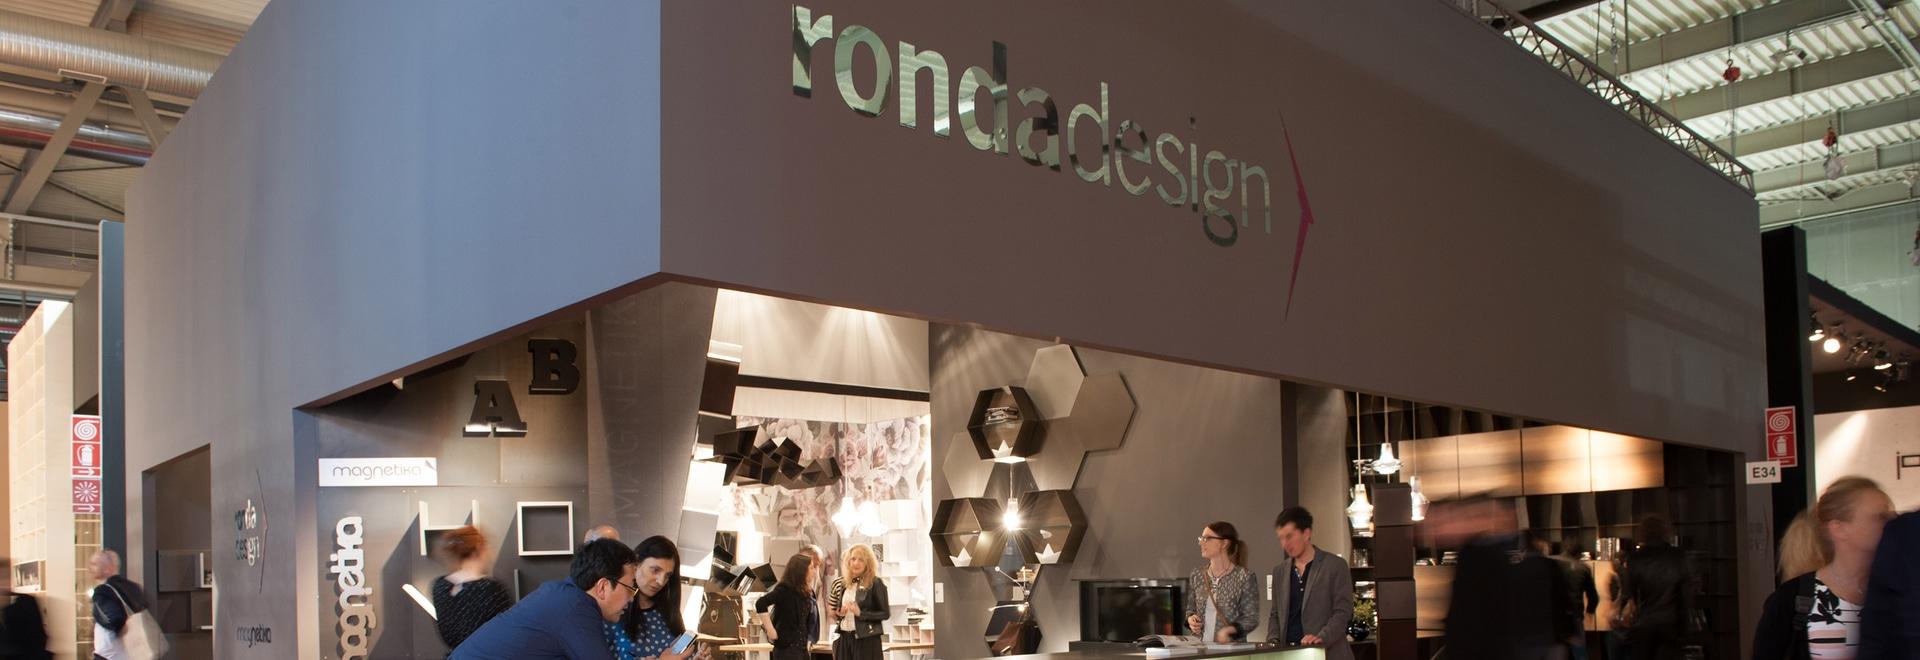 Ronda Design blog